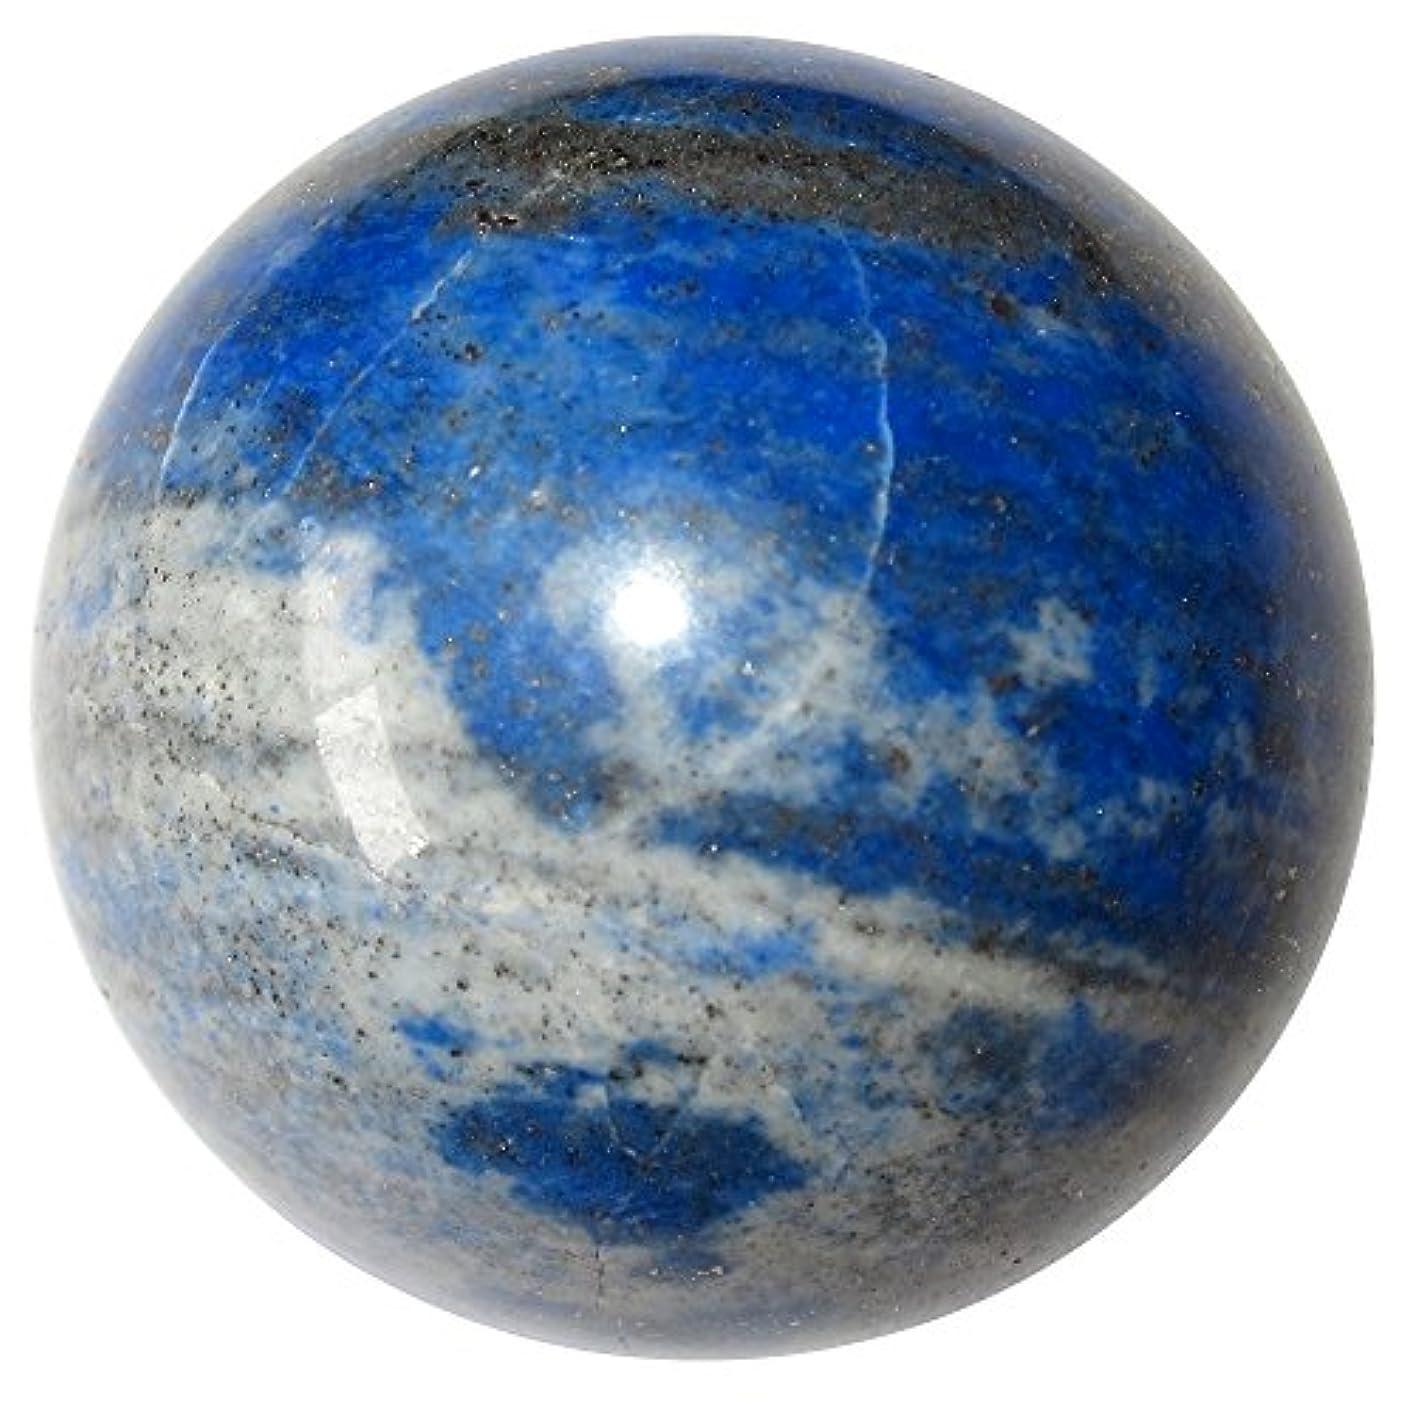 達成不条理行方不明サテンクリスタルLapisボールプレミアムブルーLazuli Third Eye Chakra直感的なHealing Precious Stone球p03 1.6 Inches ブルー lapisball03-afghanearth...